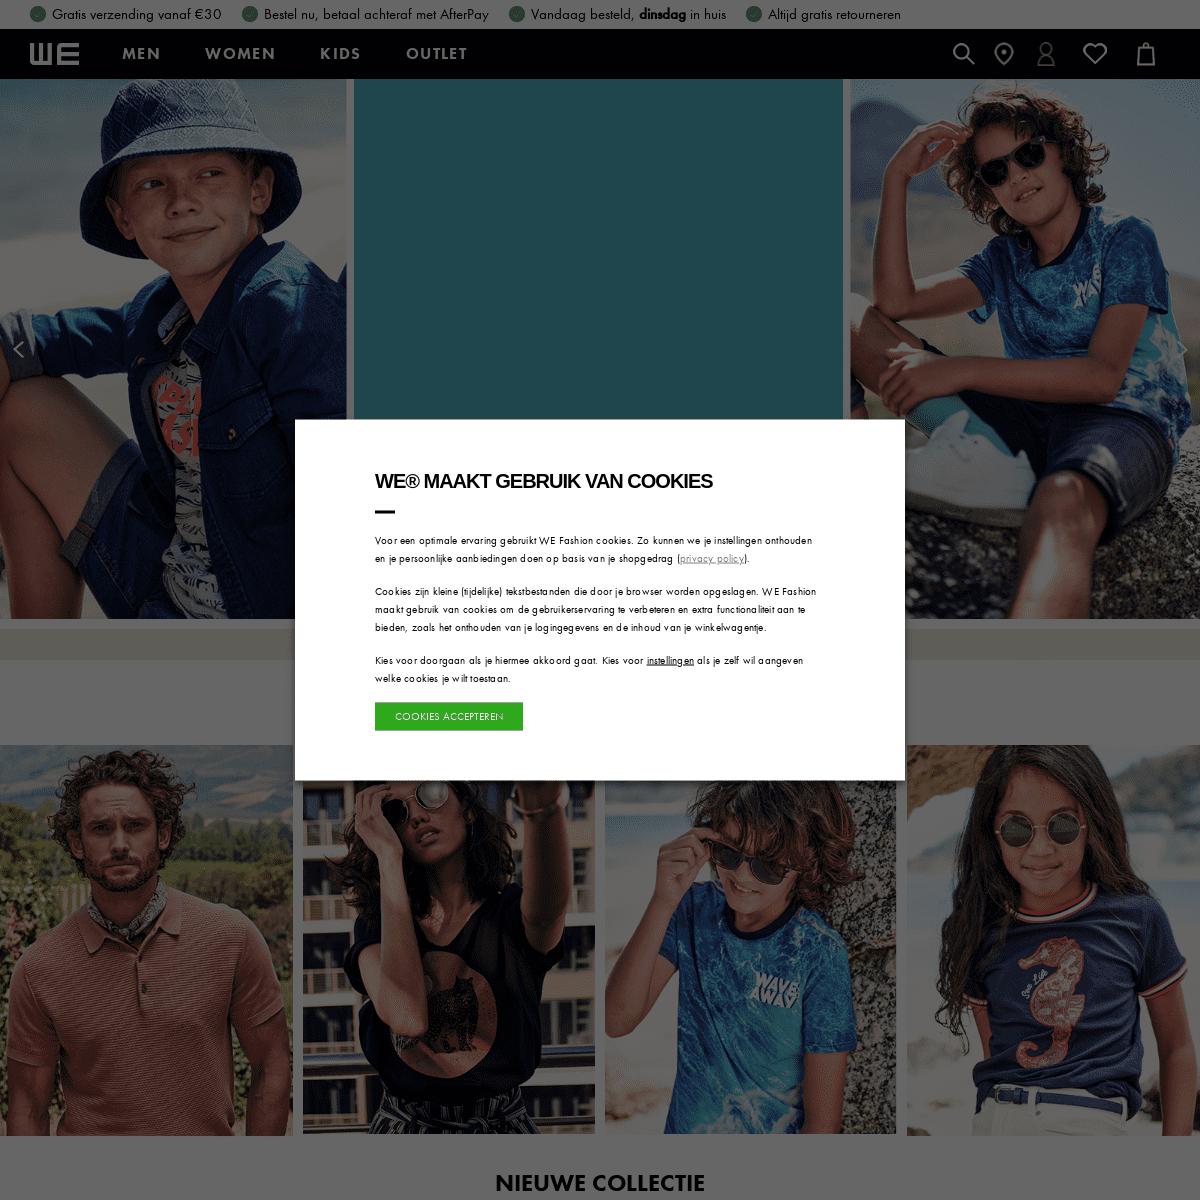 WE Fashion - Better Together - Online Shop